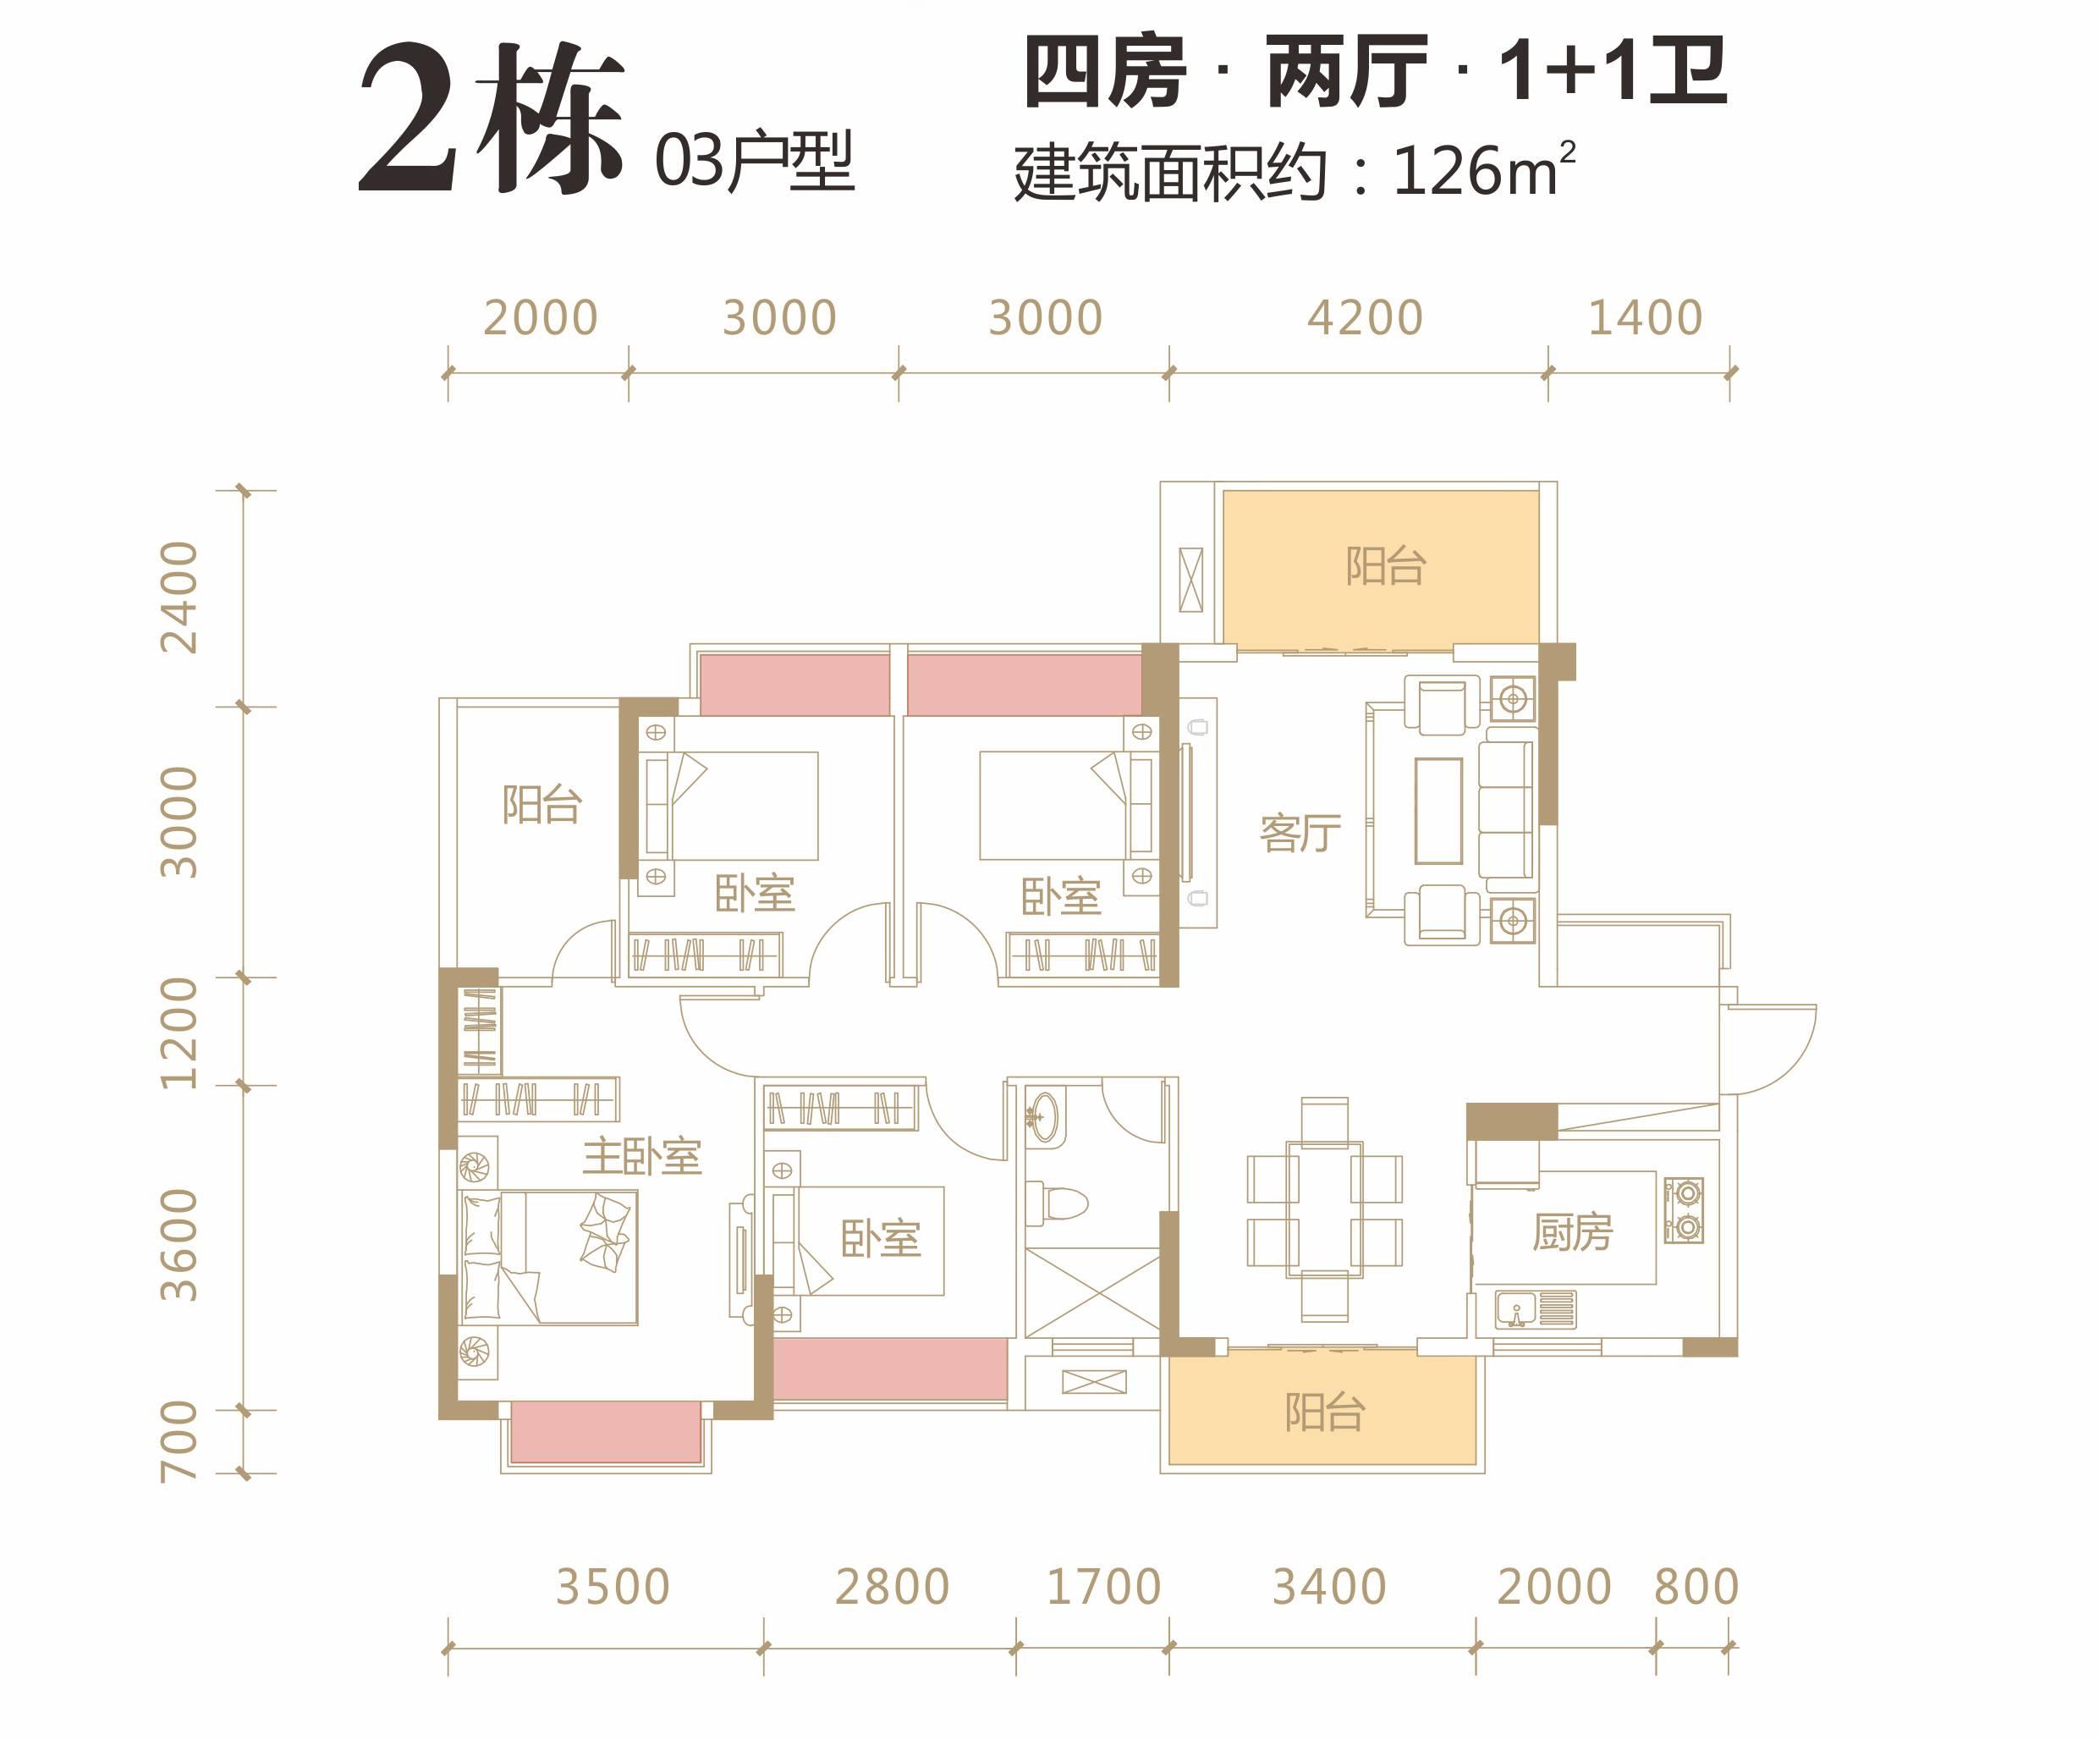 昊翔源壹城中心 2栋 03户型